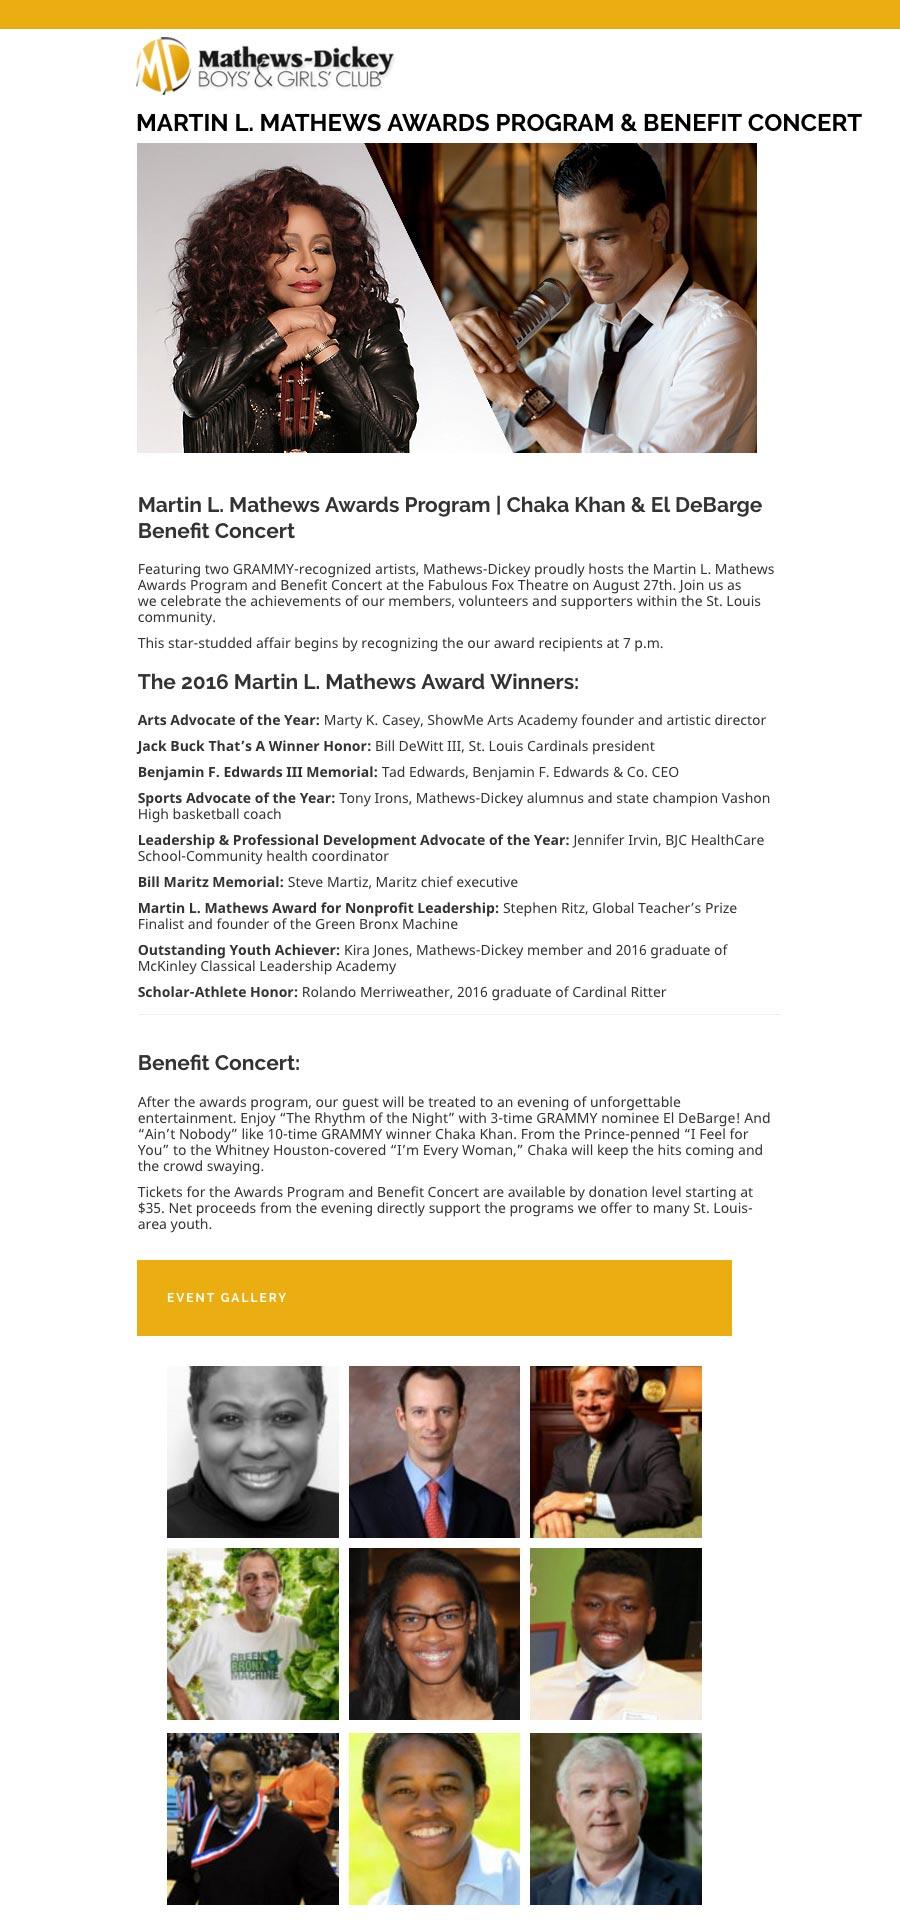 Martin L. Mathews Awards Program & Benefit Concert